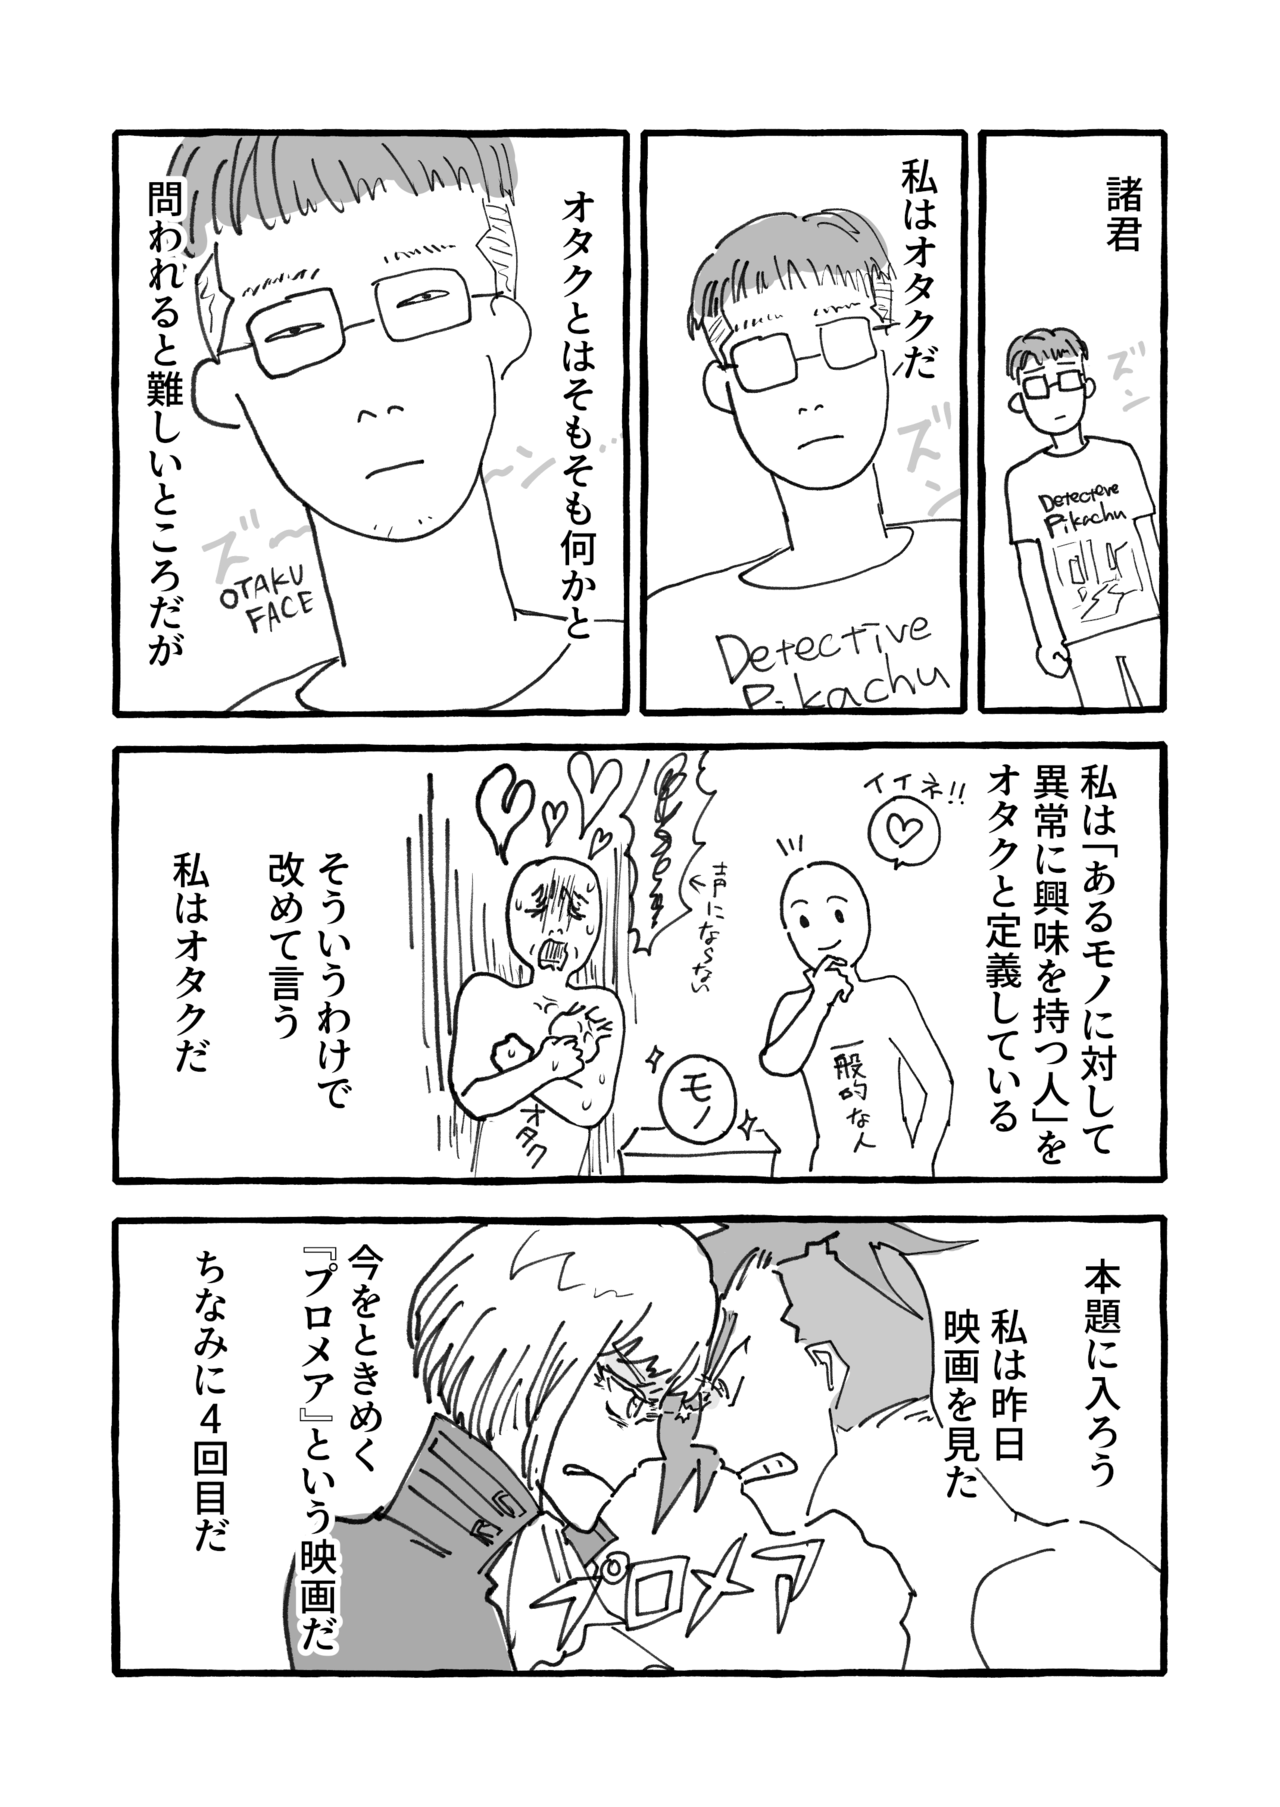 オタク_001